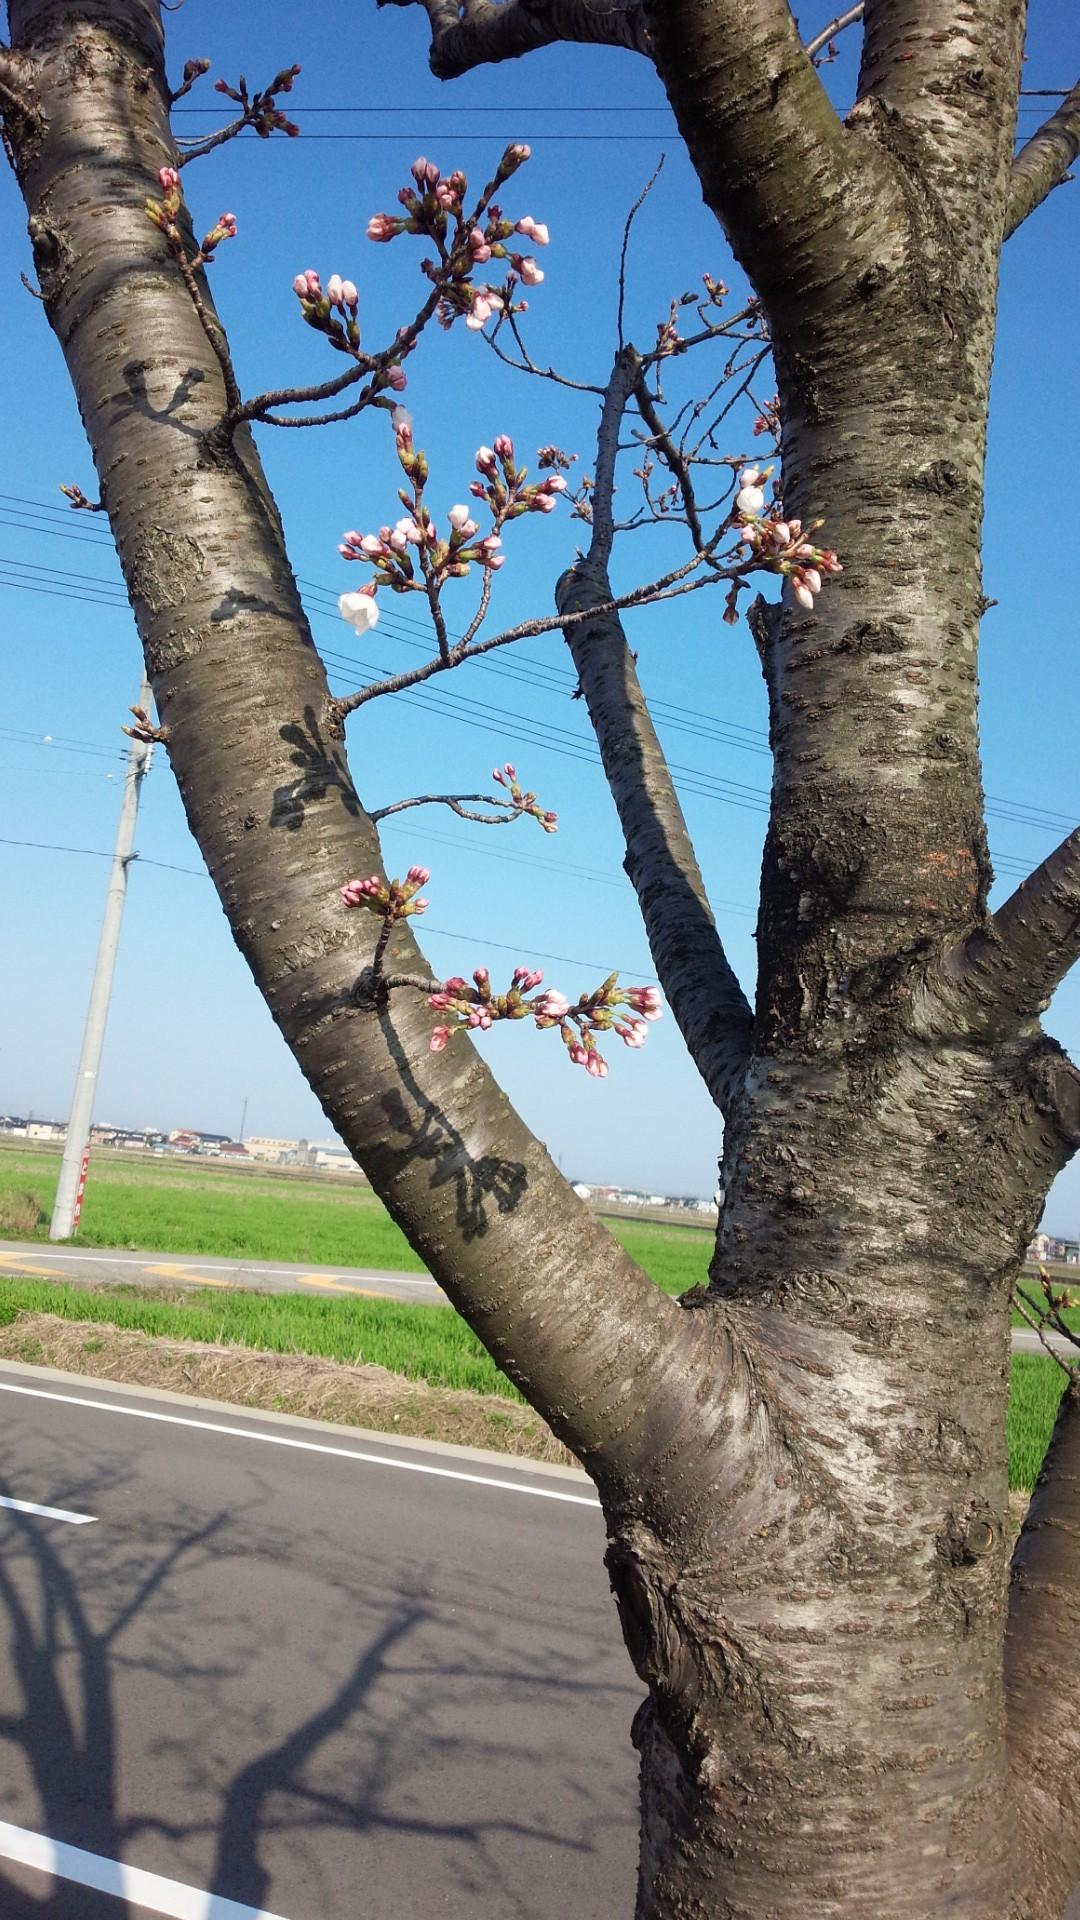 観察中の桜の木